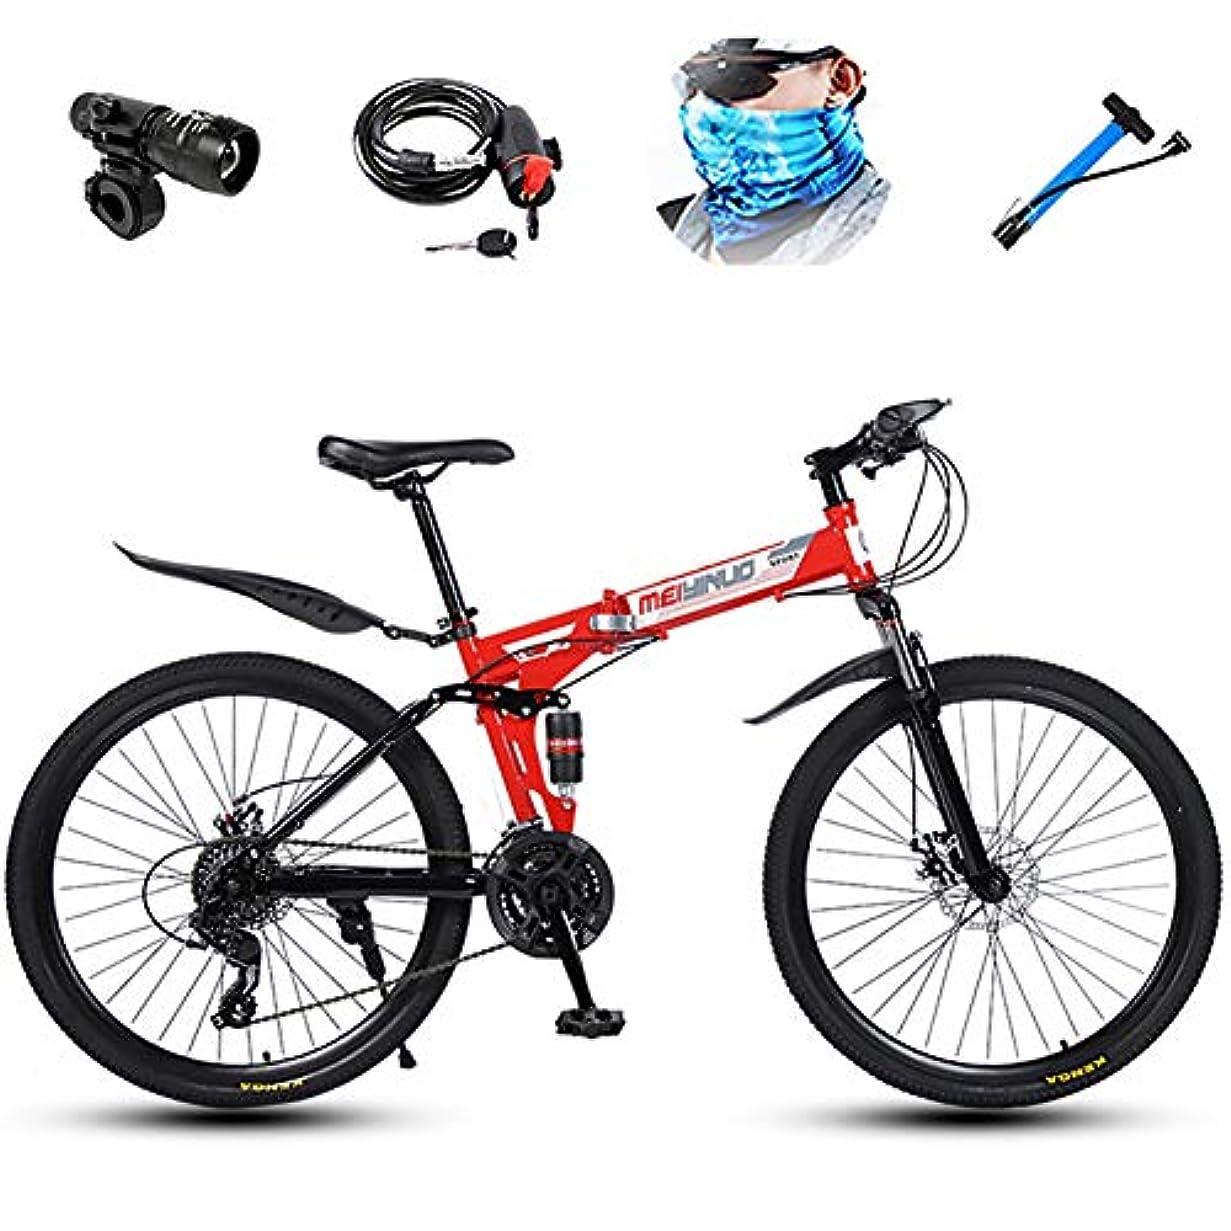 ロケーション見かけ上ジョージスティーブンソン26インチマウンテンバイク デュアルディスクブレーキ付き炭素鋼フルサスペンションロードバイク 男性/女性用フルサスペンションMTBバイク